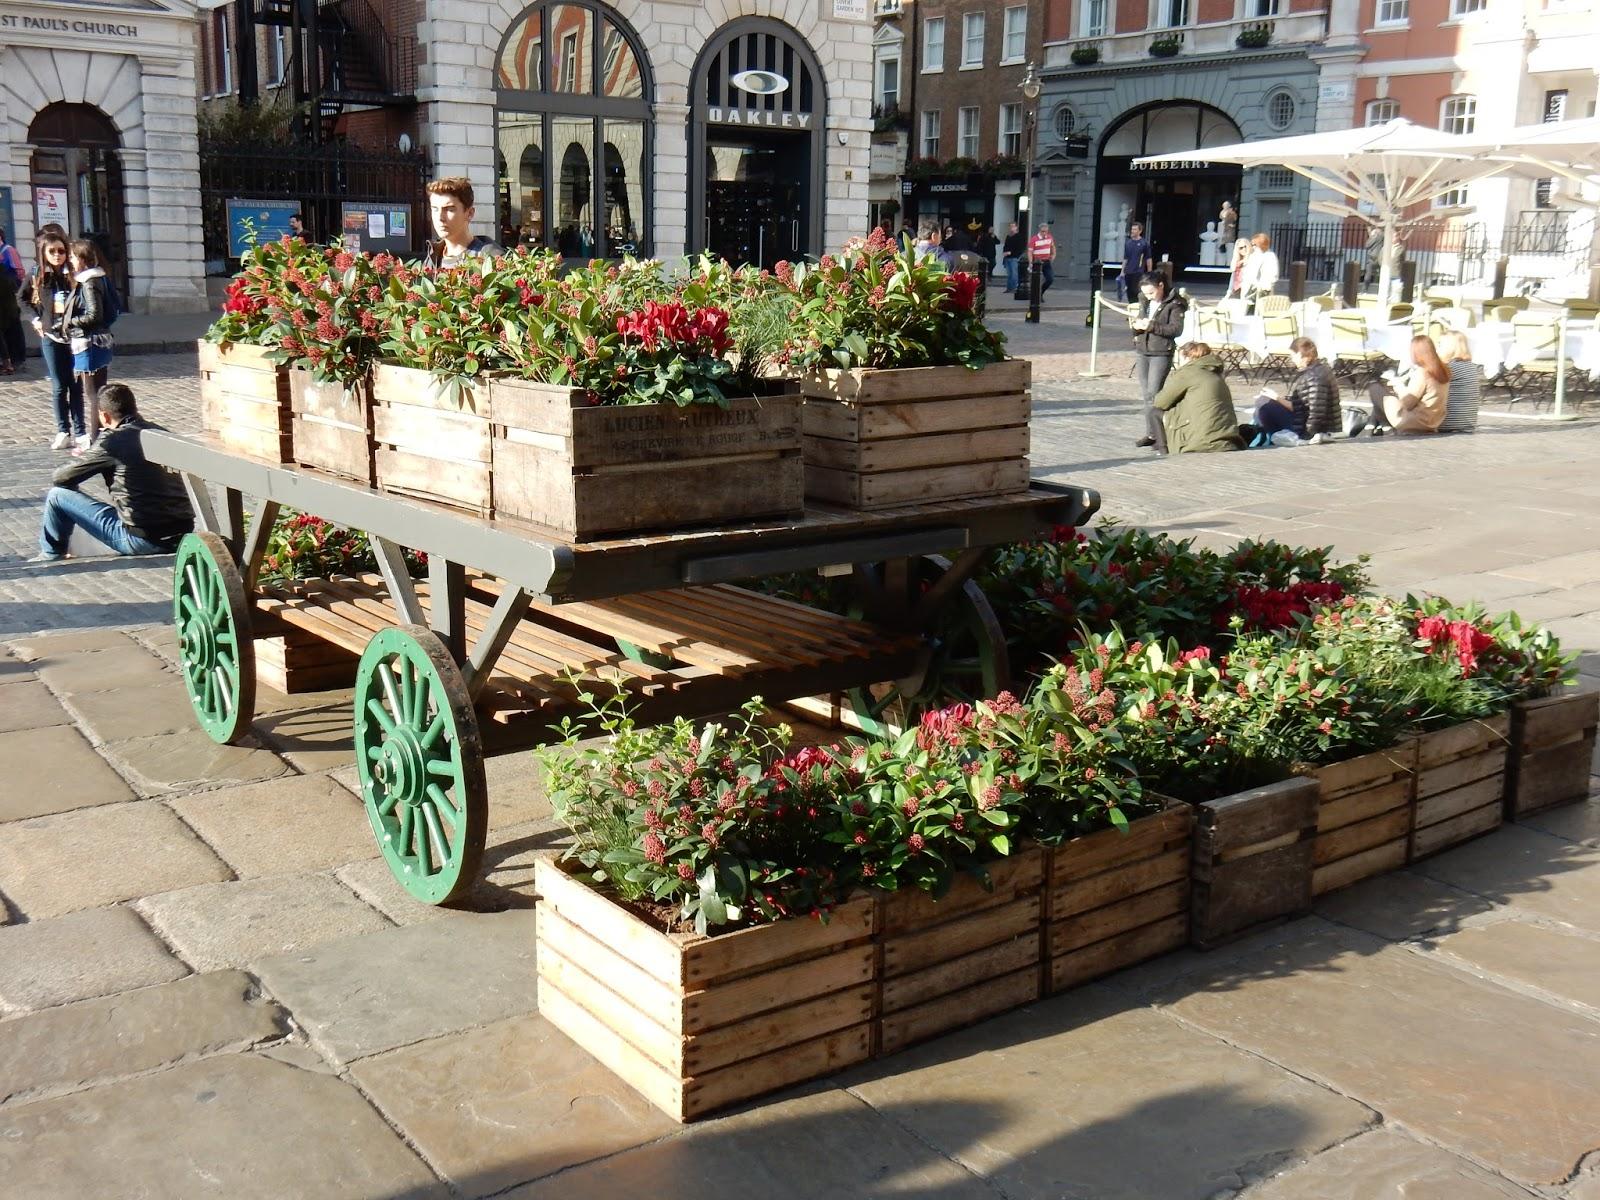 Covent garden l un de mes march s favoris londres blog d elisa n voyages photos - Le petit jardin covent garden metz ...